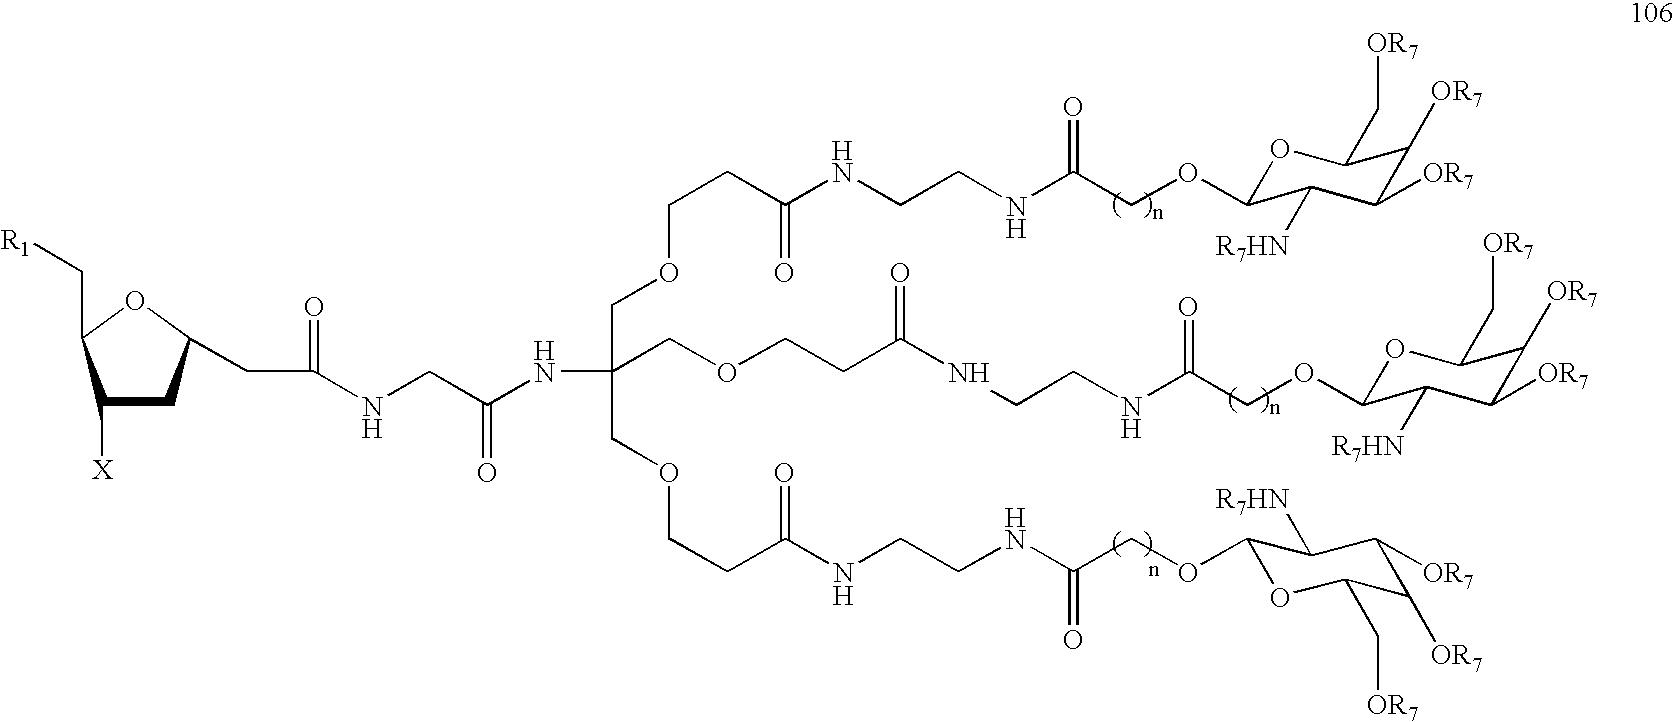 Figure US20040192626A1-20040930-C00062